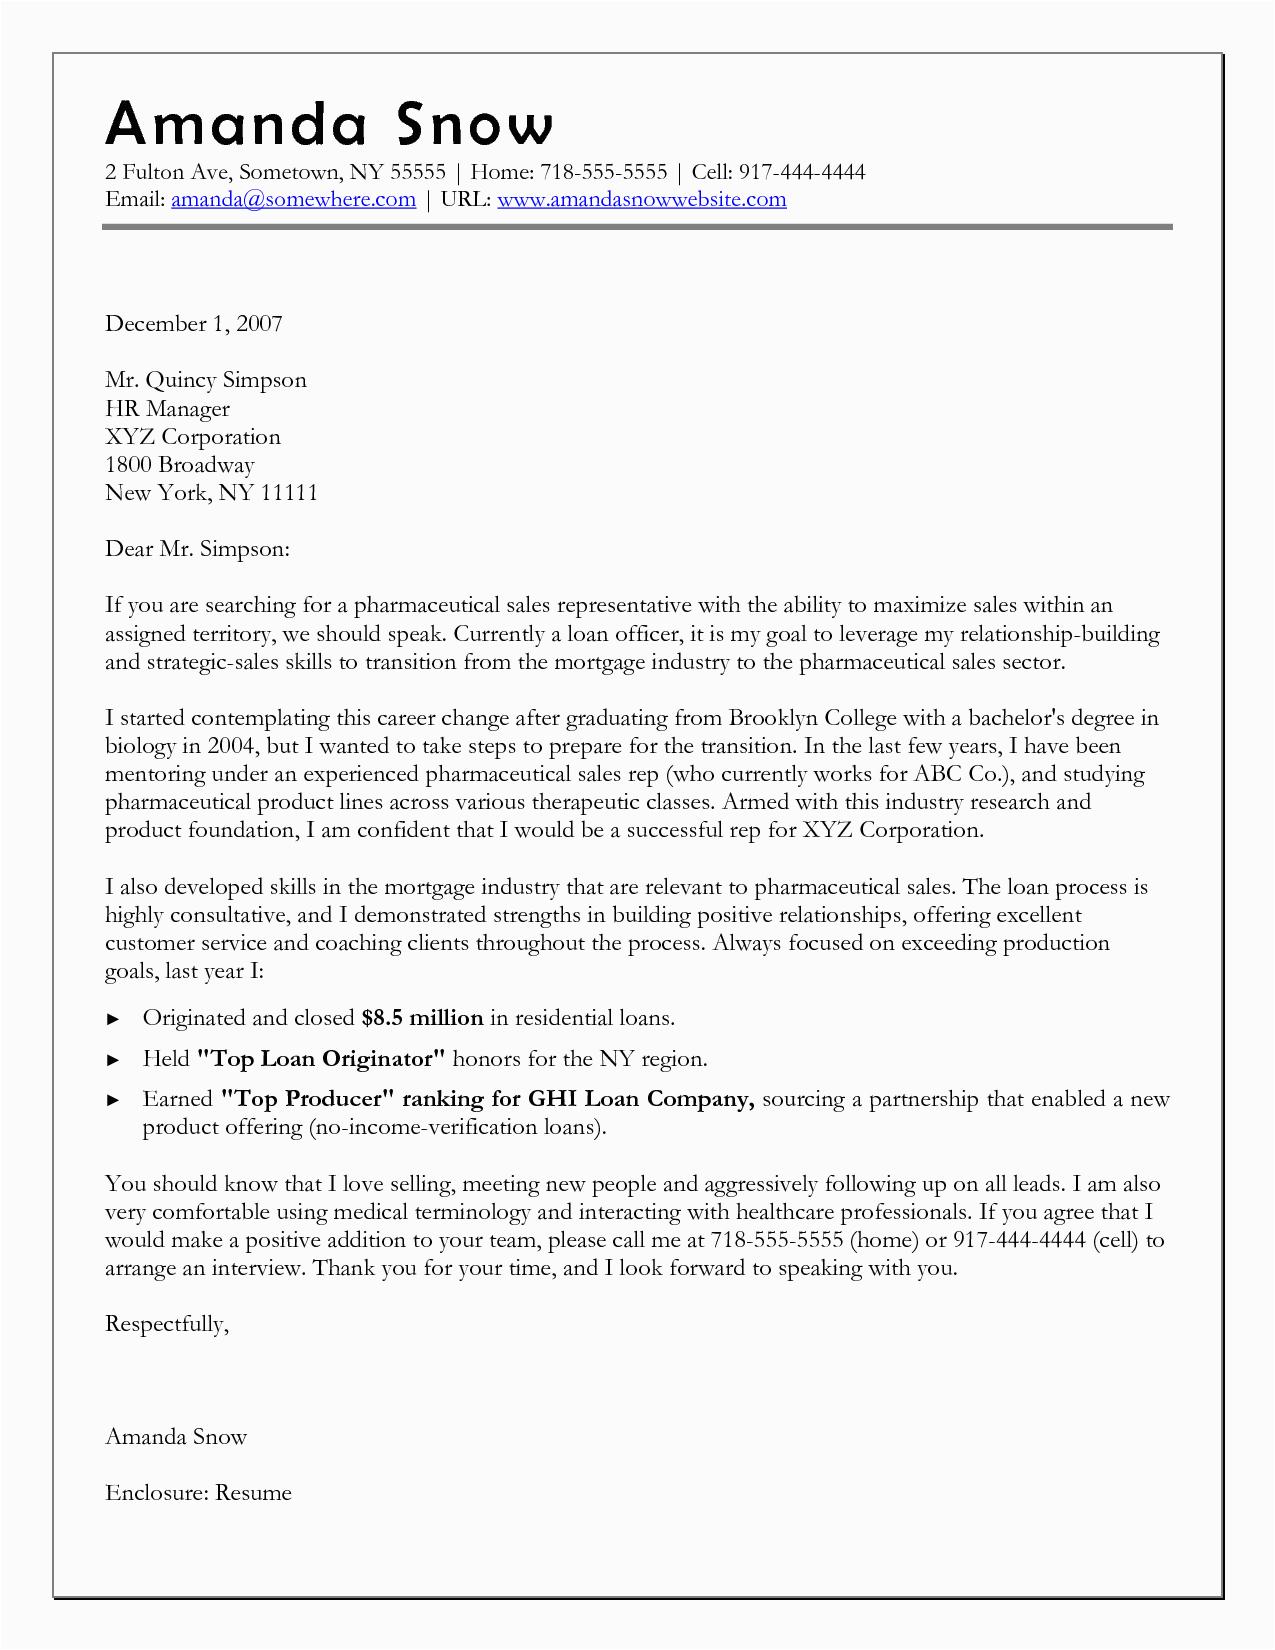 Sample Career Change Resume Cover Letter 10 Sample Of Career Change Cover Letter